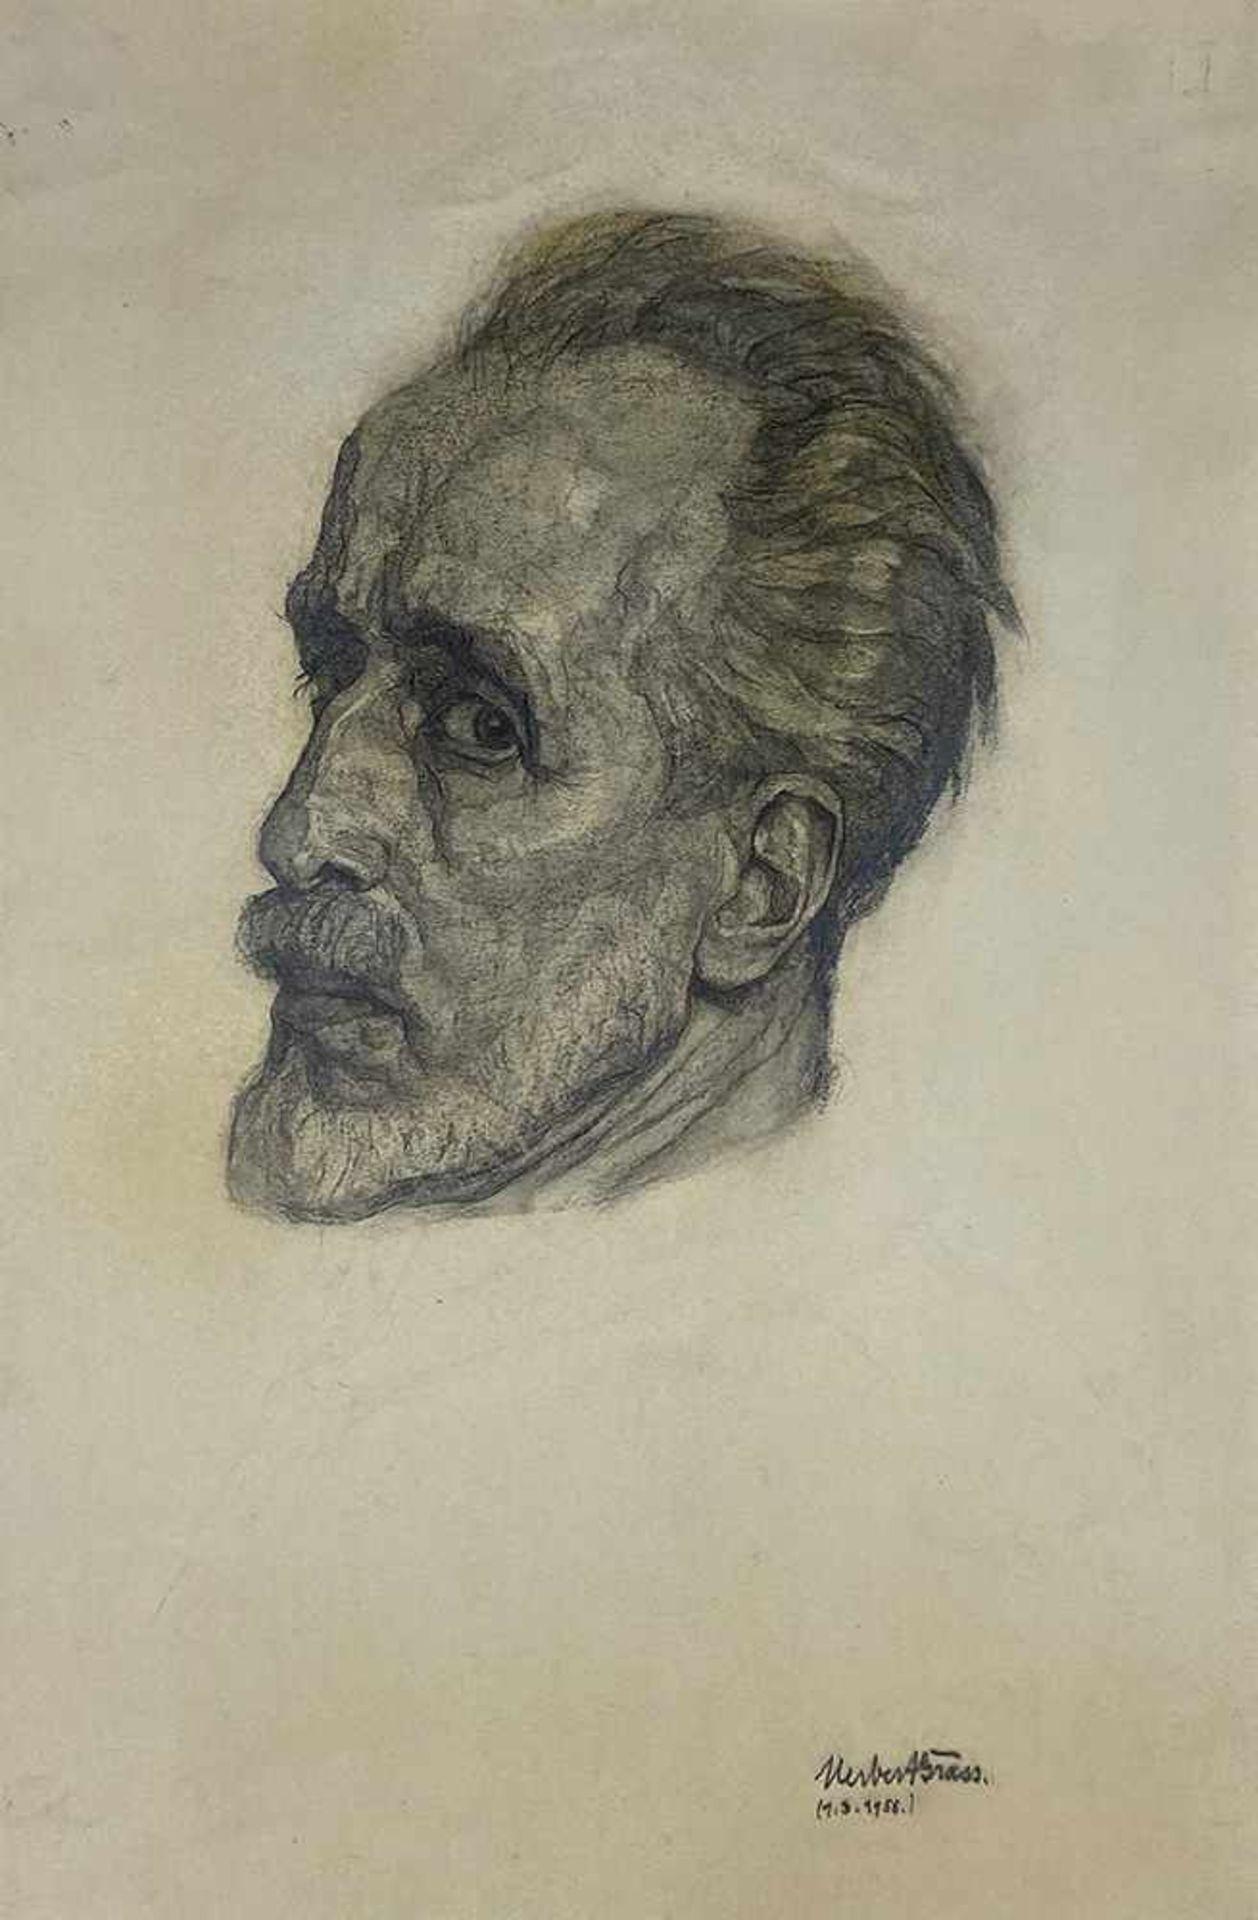 Herbert Grass 1886-1978